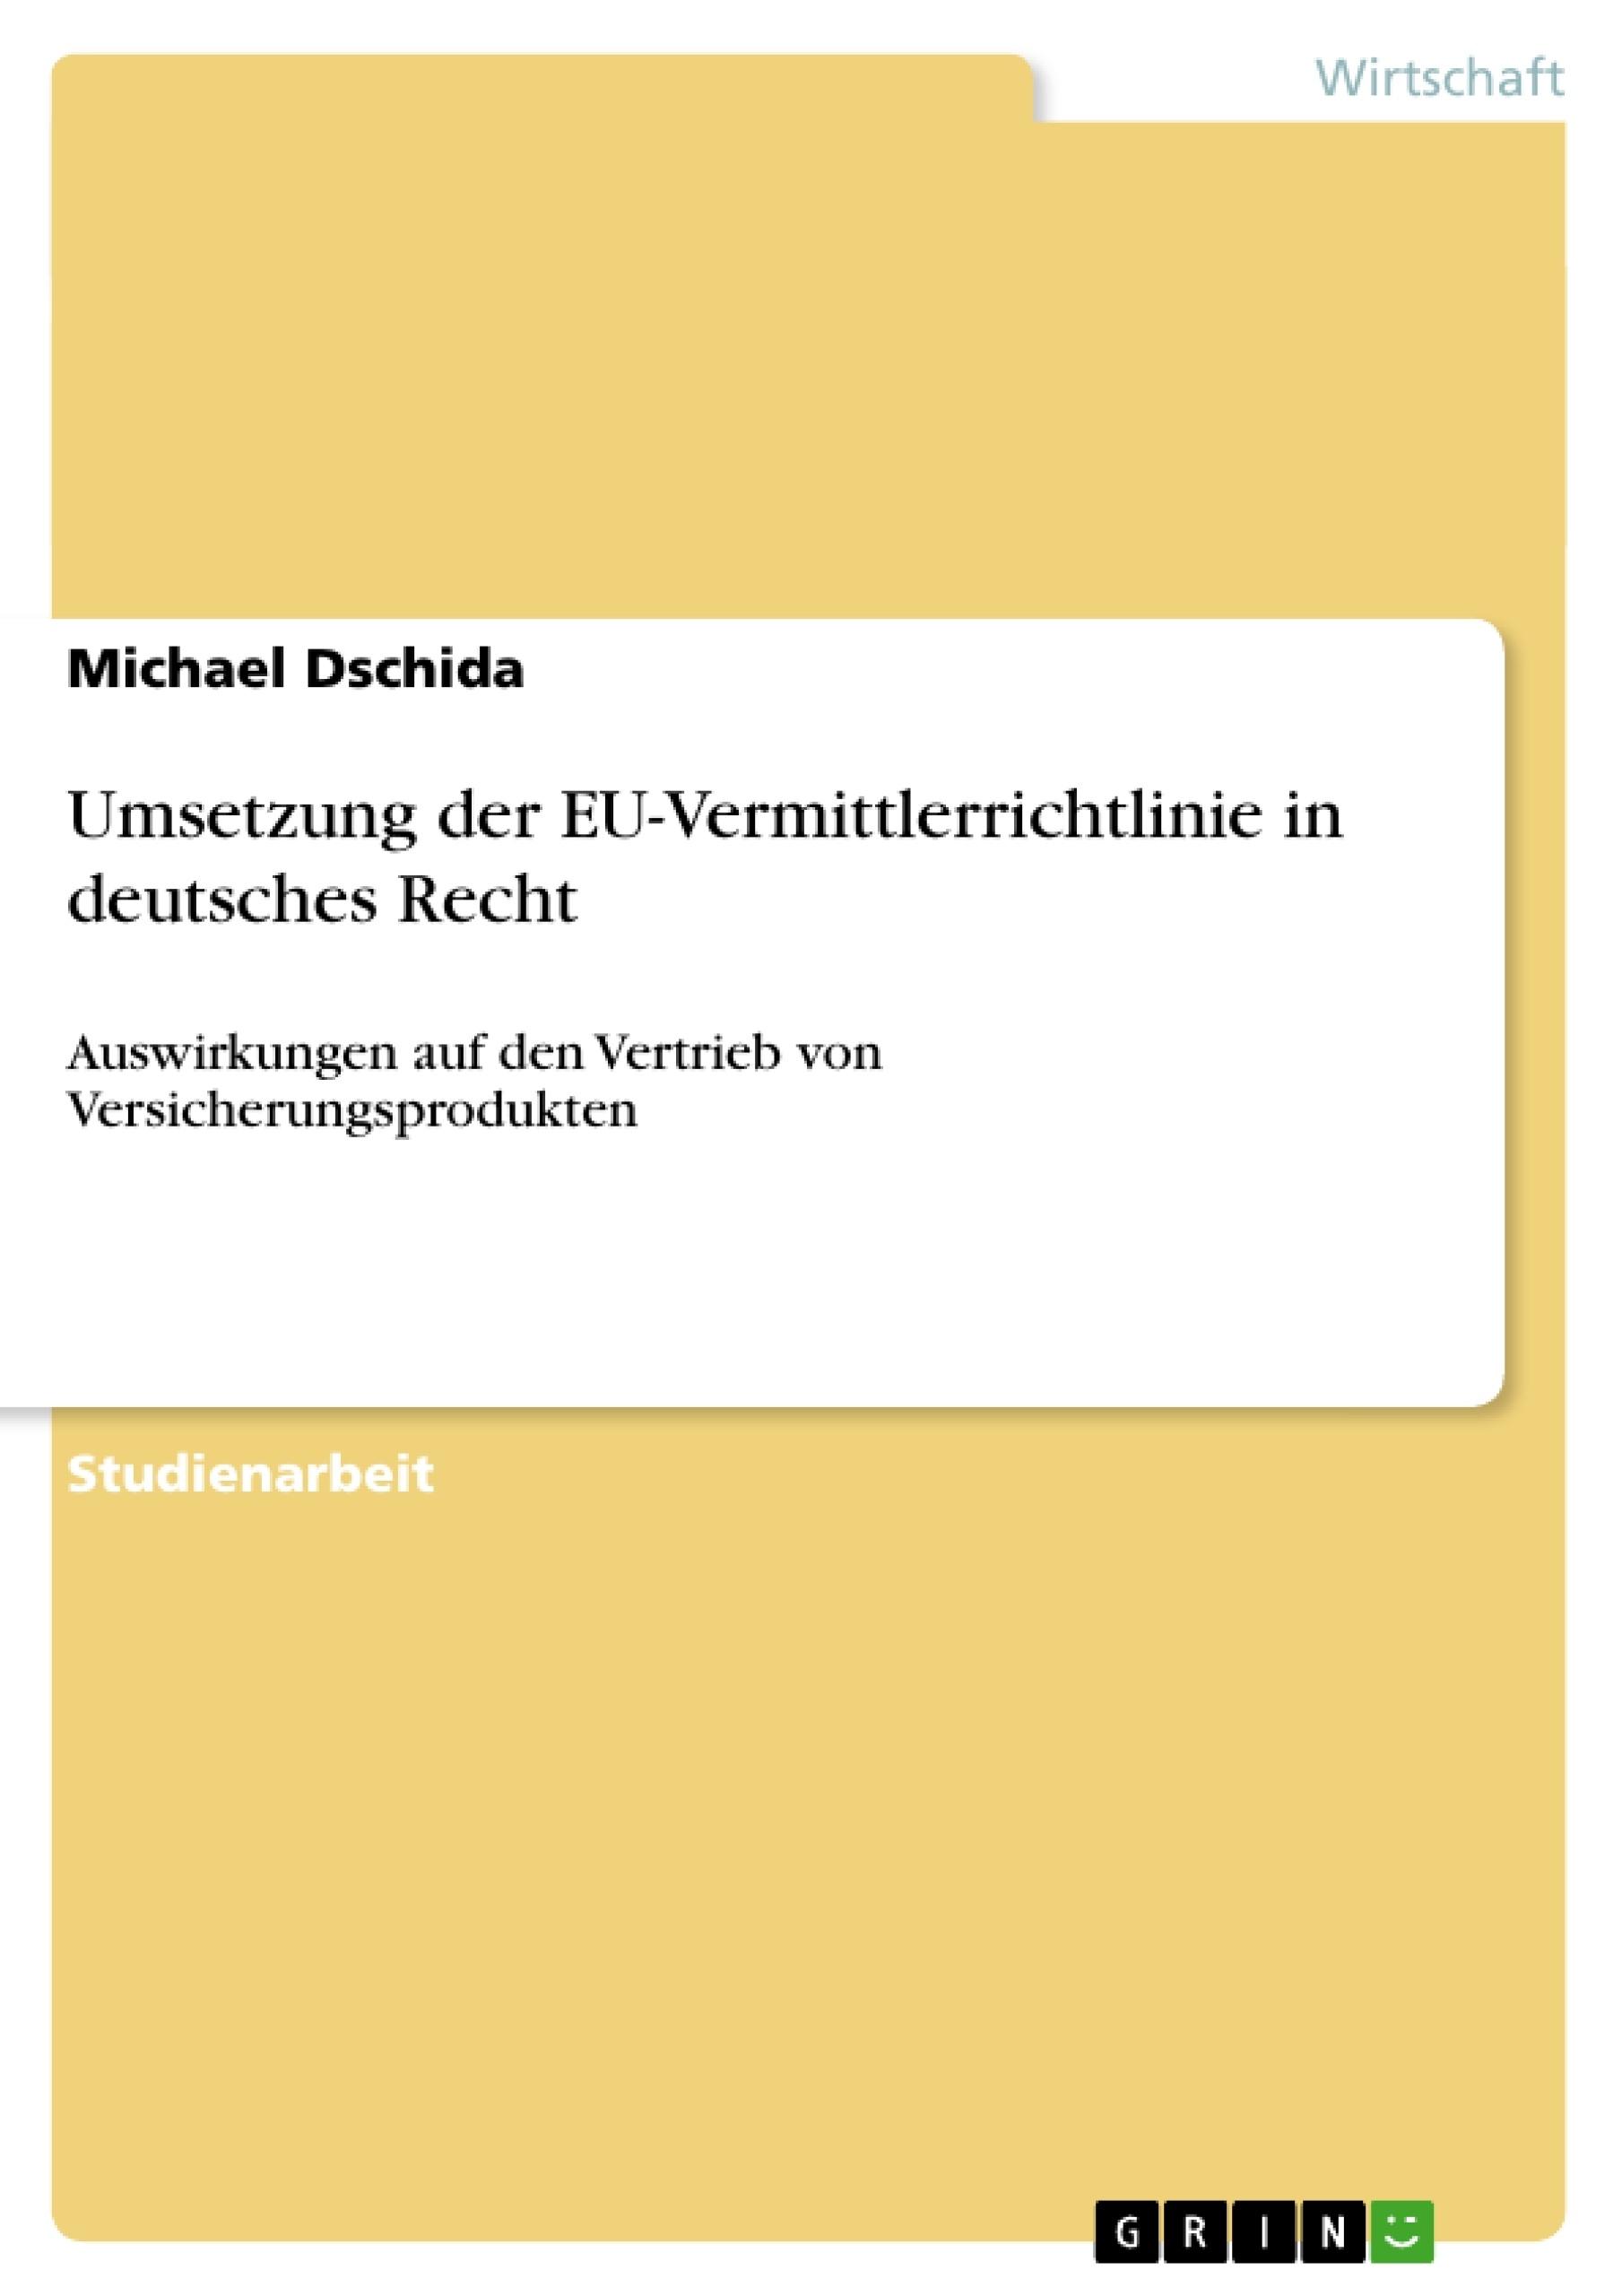 Titel: Umsetzung der EU-Vermittlerrichtlinie in deutsches Recht